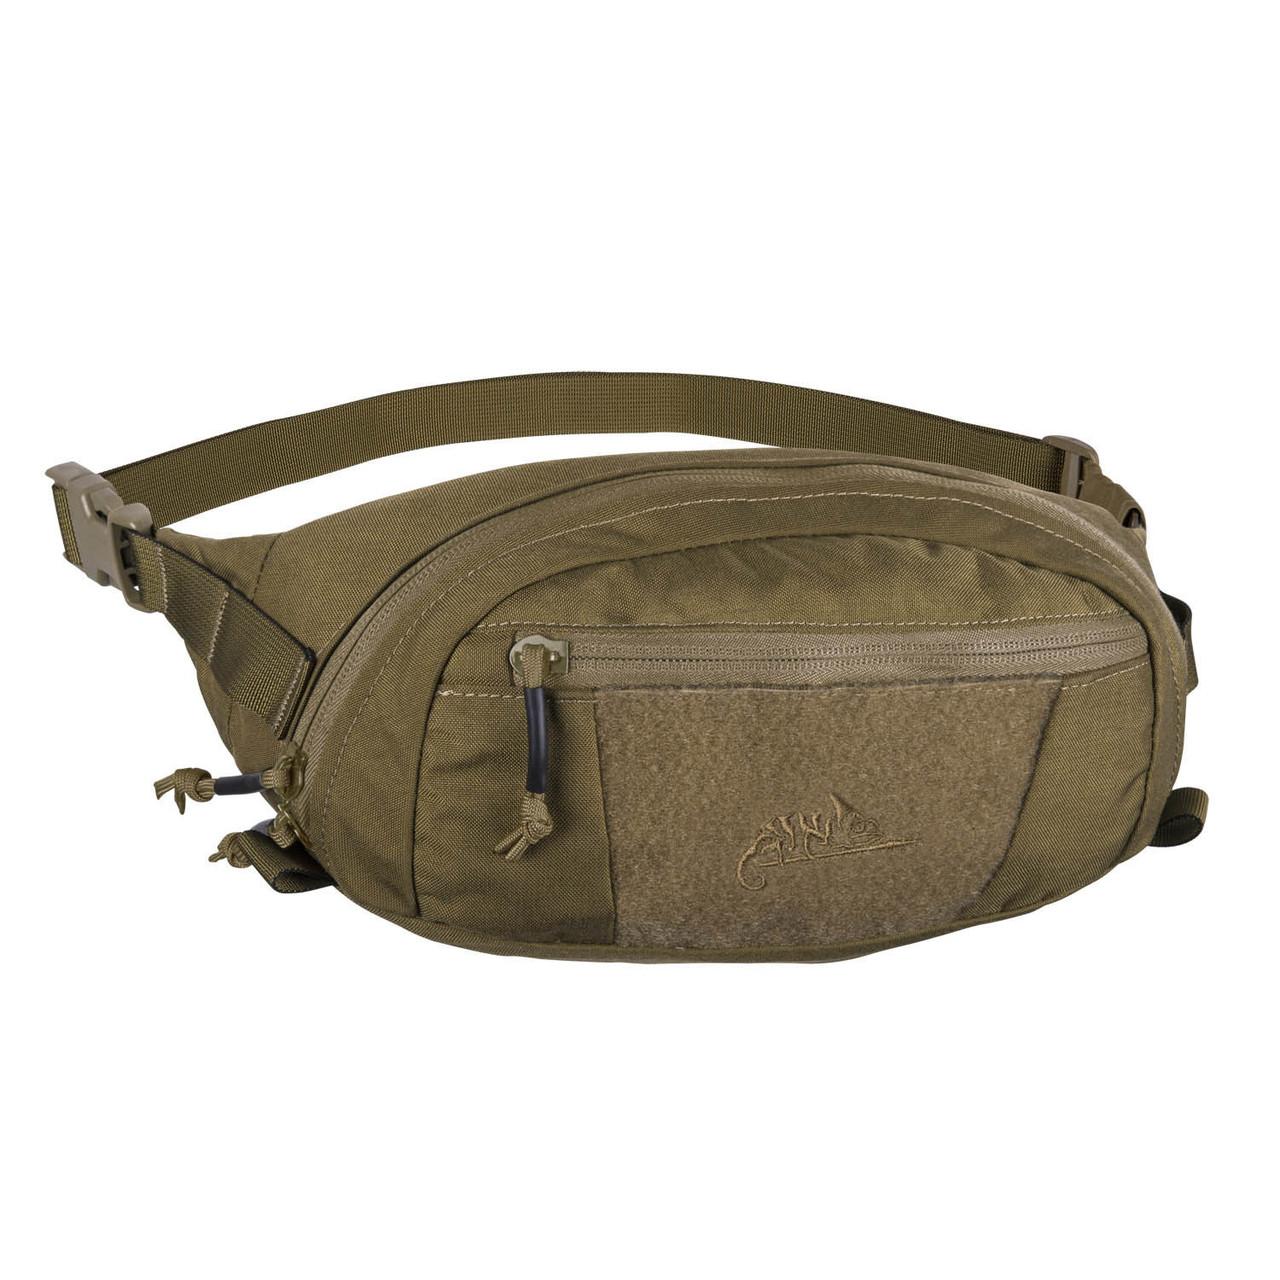 Сумка поясная Helikon-Tex® BANDICOOT® Waist Pack - Cordura® - Койот